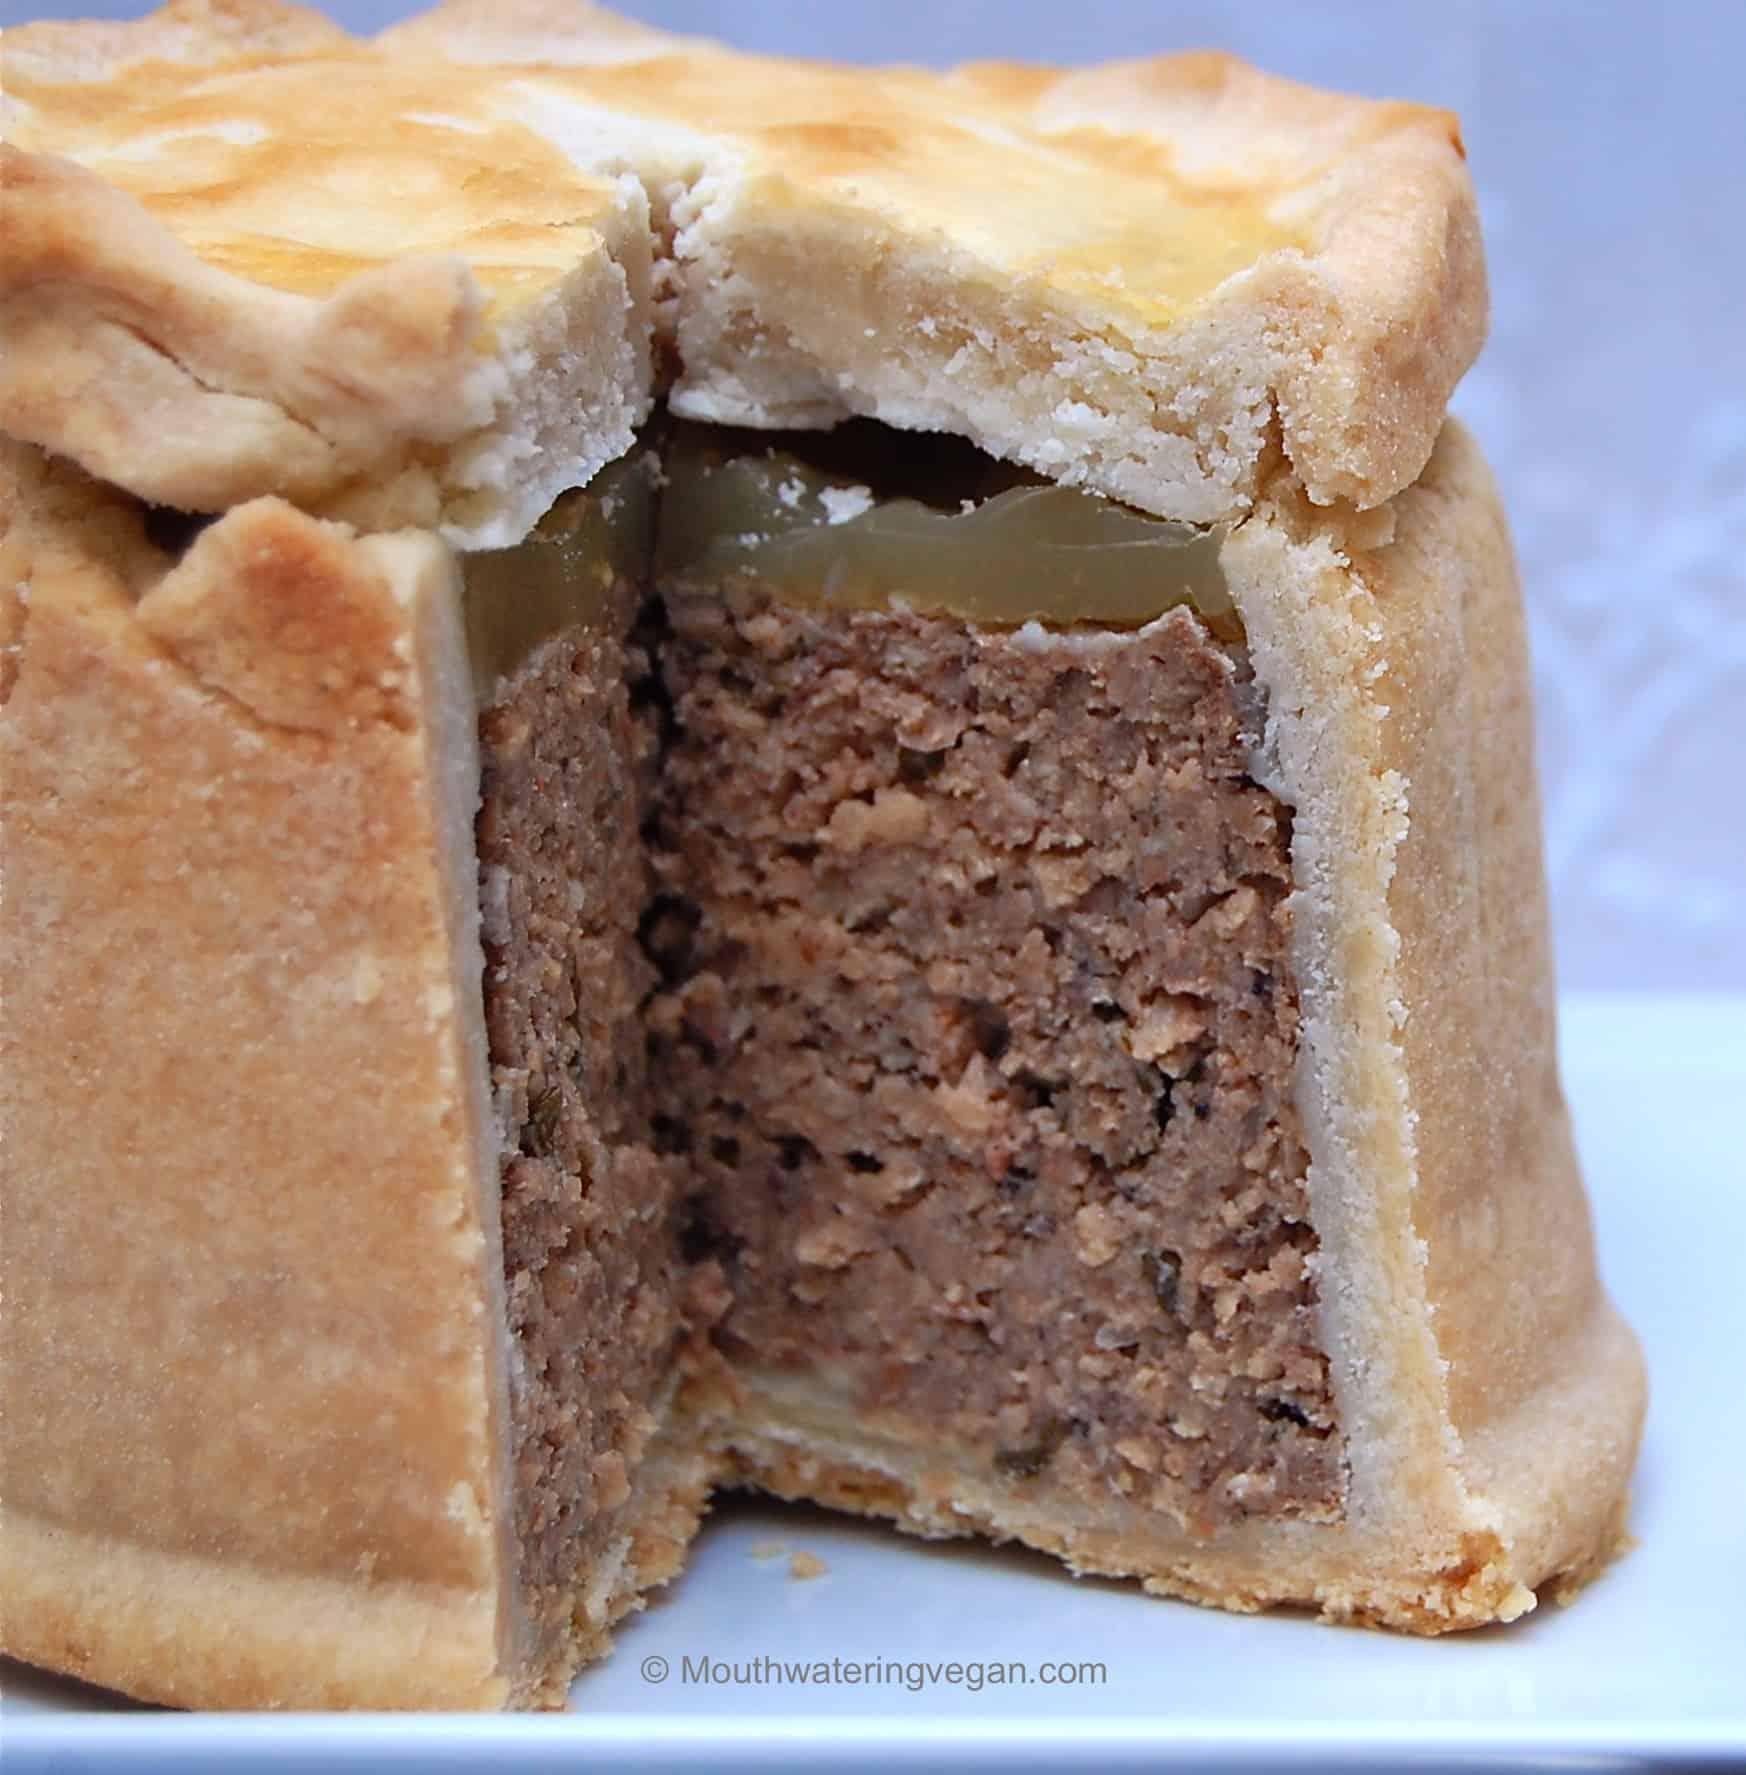 Vegan Traditional Pork Pie - Mouthwatering Vegan Recipes™